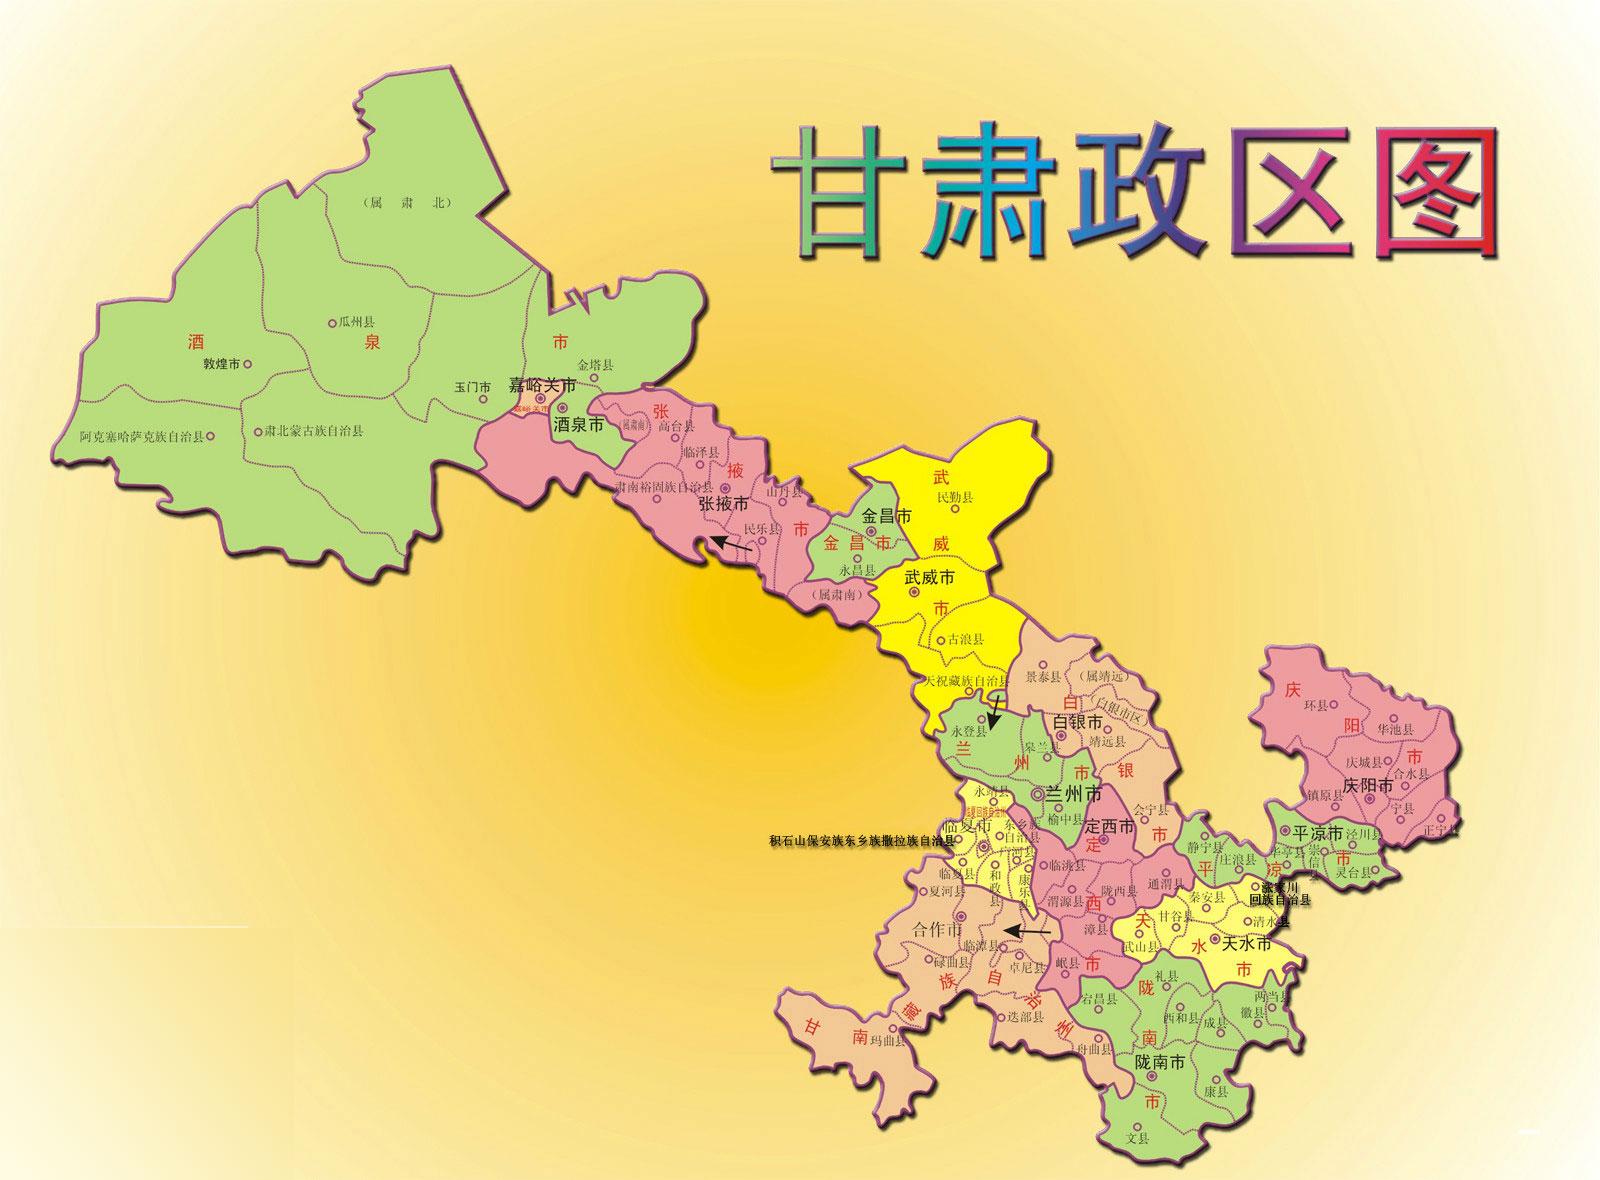 甘肃省行政区域简图 甘肃地图库 地图窝